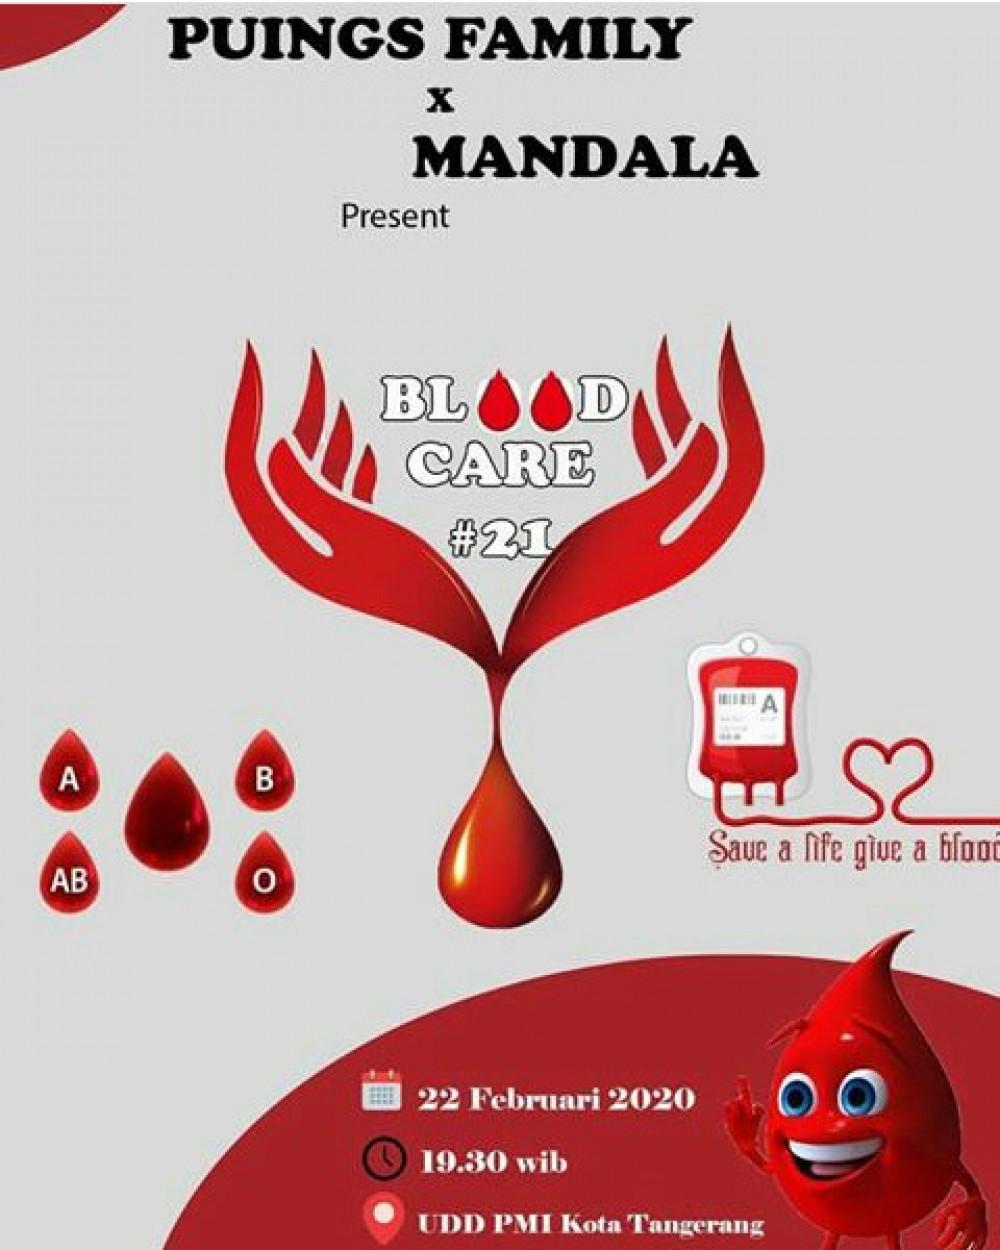 Donor Darah Puings Family & Mandala Info Kota Tangerang